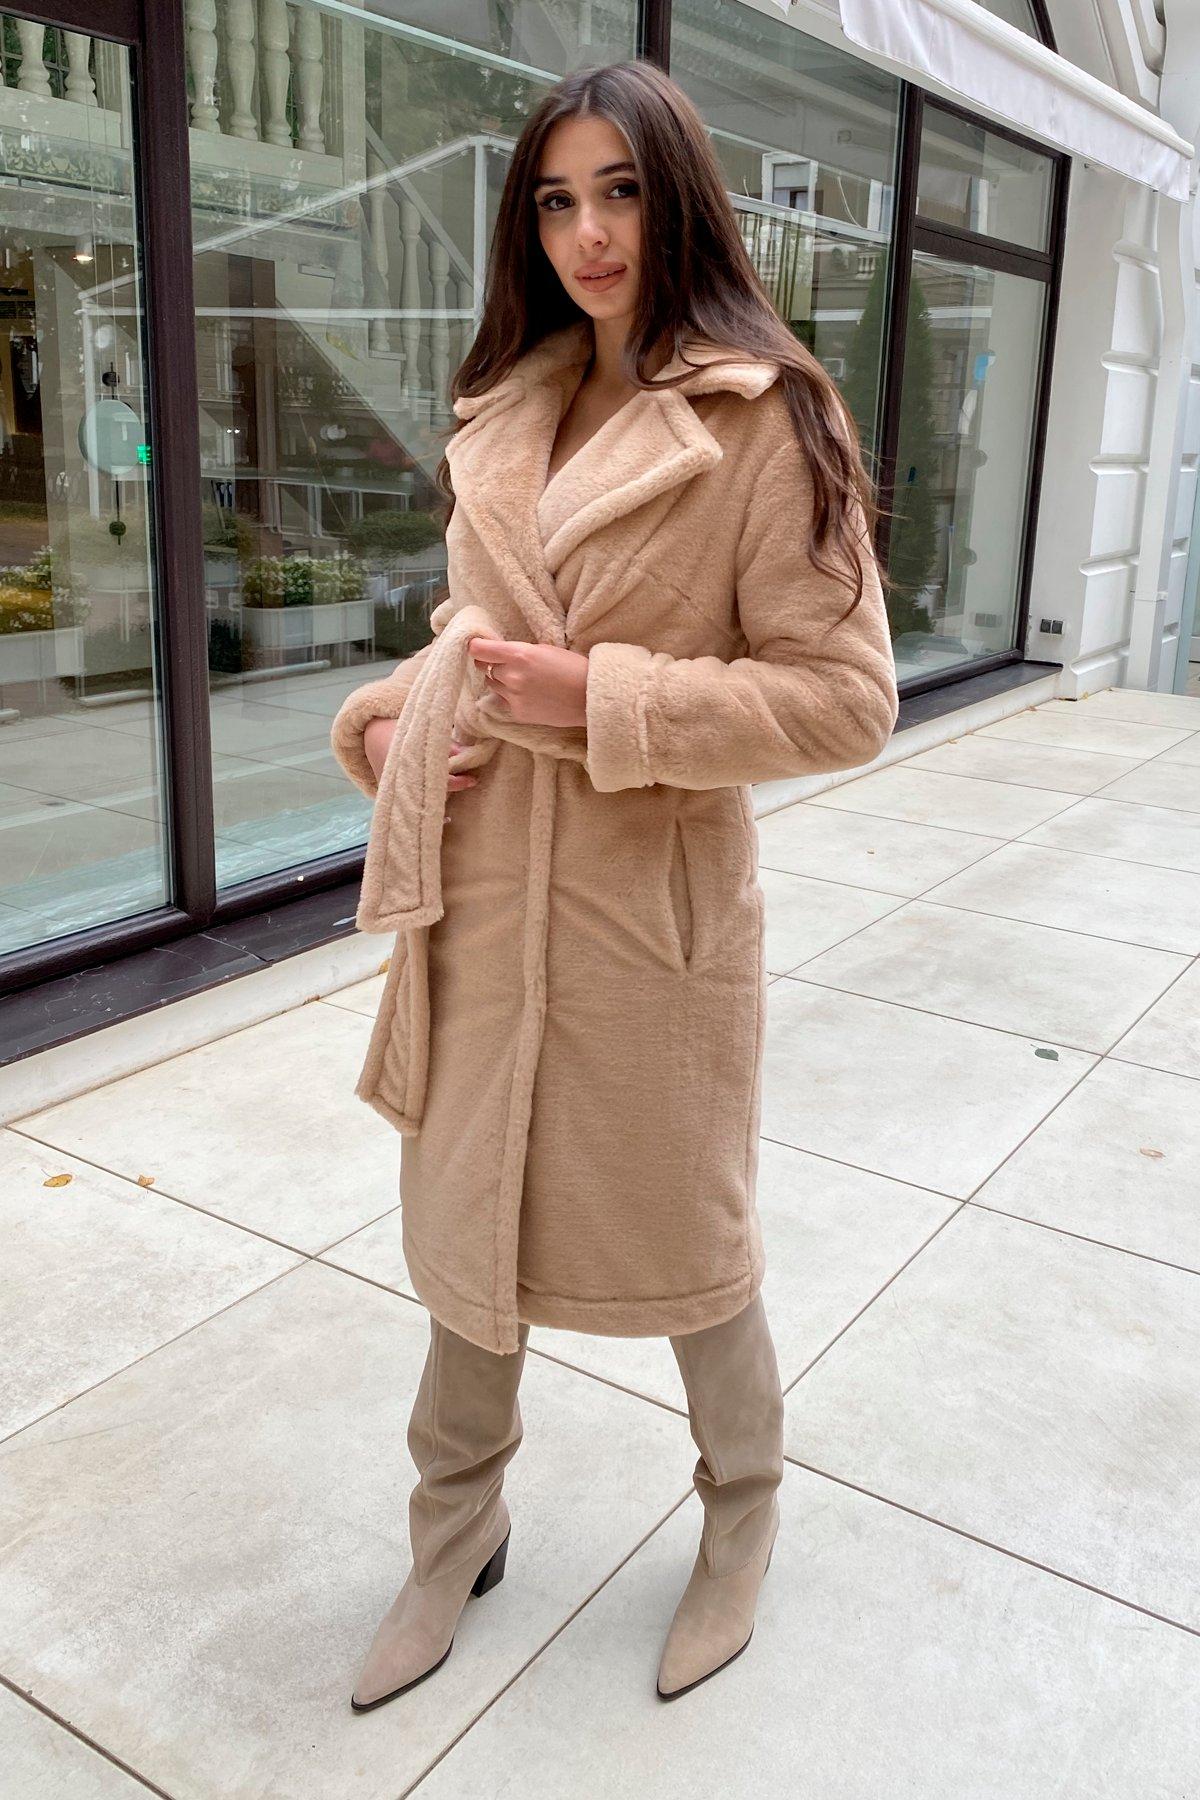 Зимнее пальто из искусственного меха норки Саманта 8641 АРТ. 44956 Цвет: Бежевый - фото 20, интернет магазин tm-modus.ru